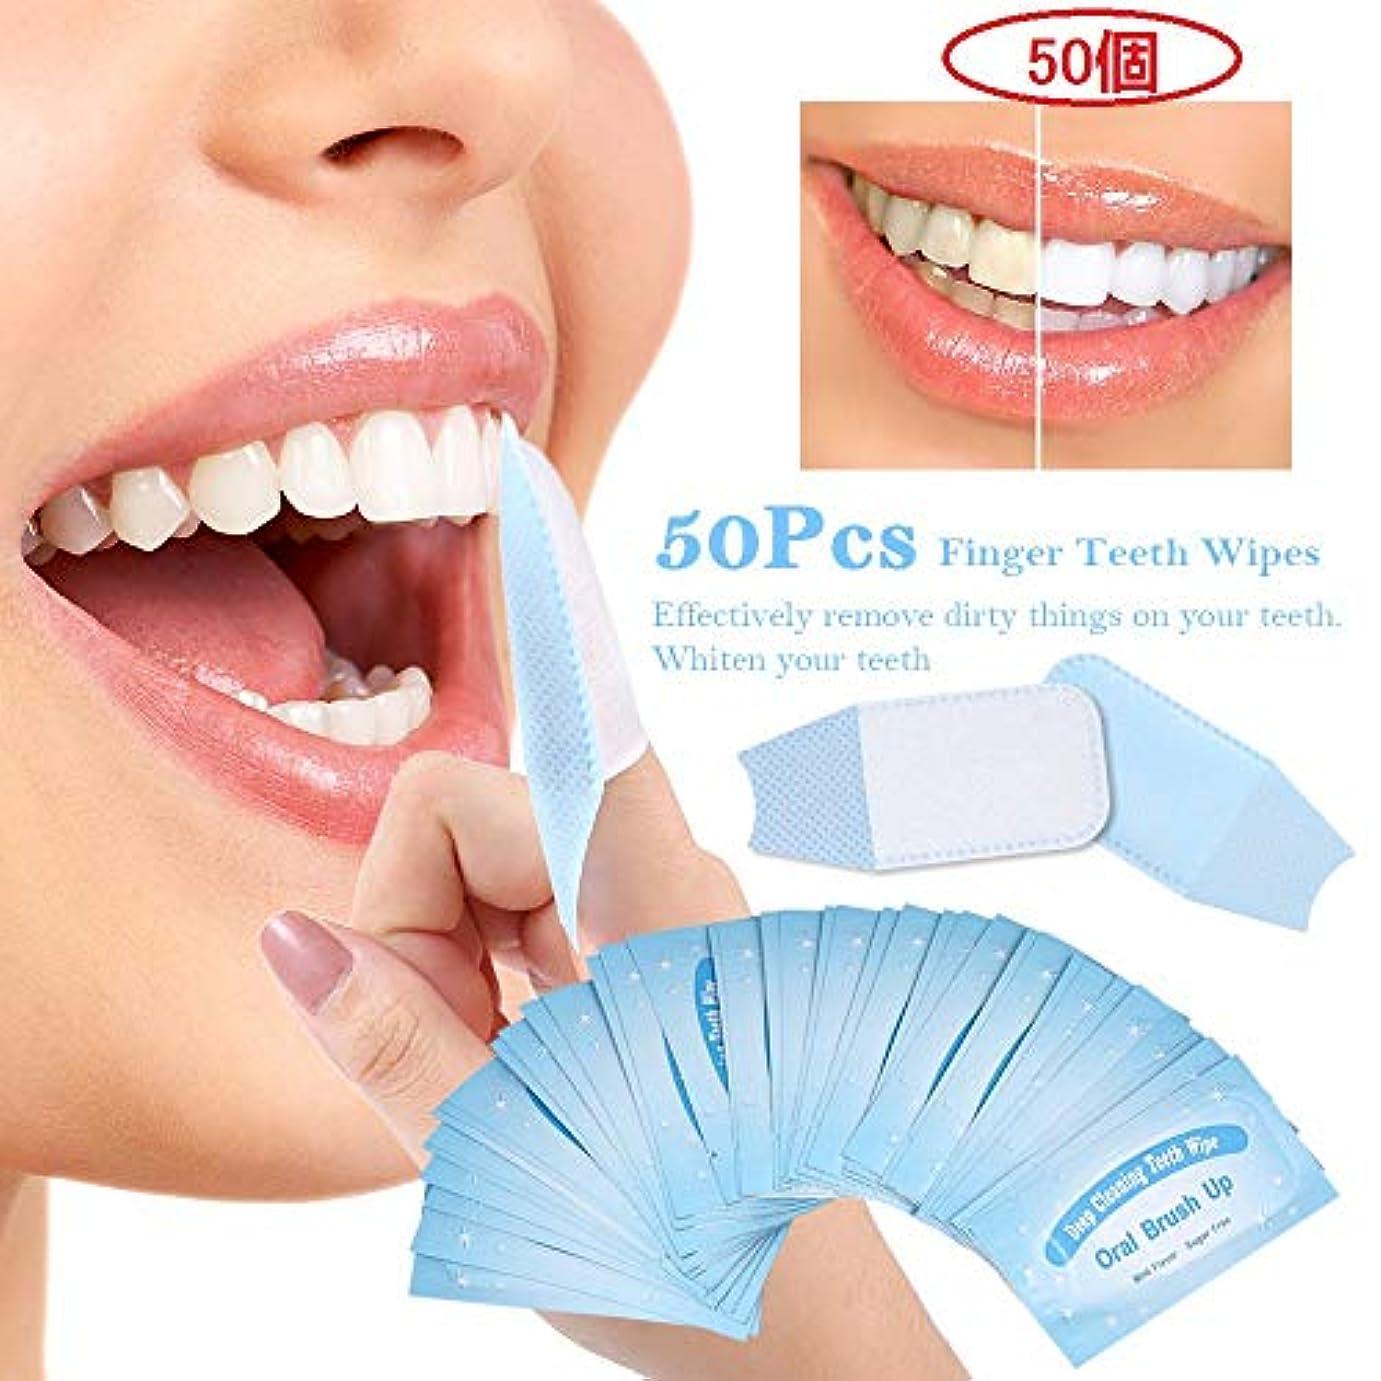 地球さらに樹皮50個-口腔衛生指の歯ワイプ歯ブラシアップワイプ歯科用ディープクリーニング歯のホワイトニングツール歯科口腔ケア